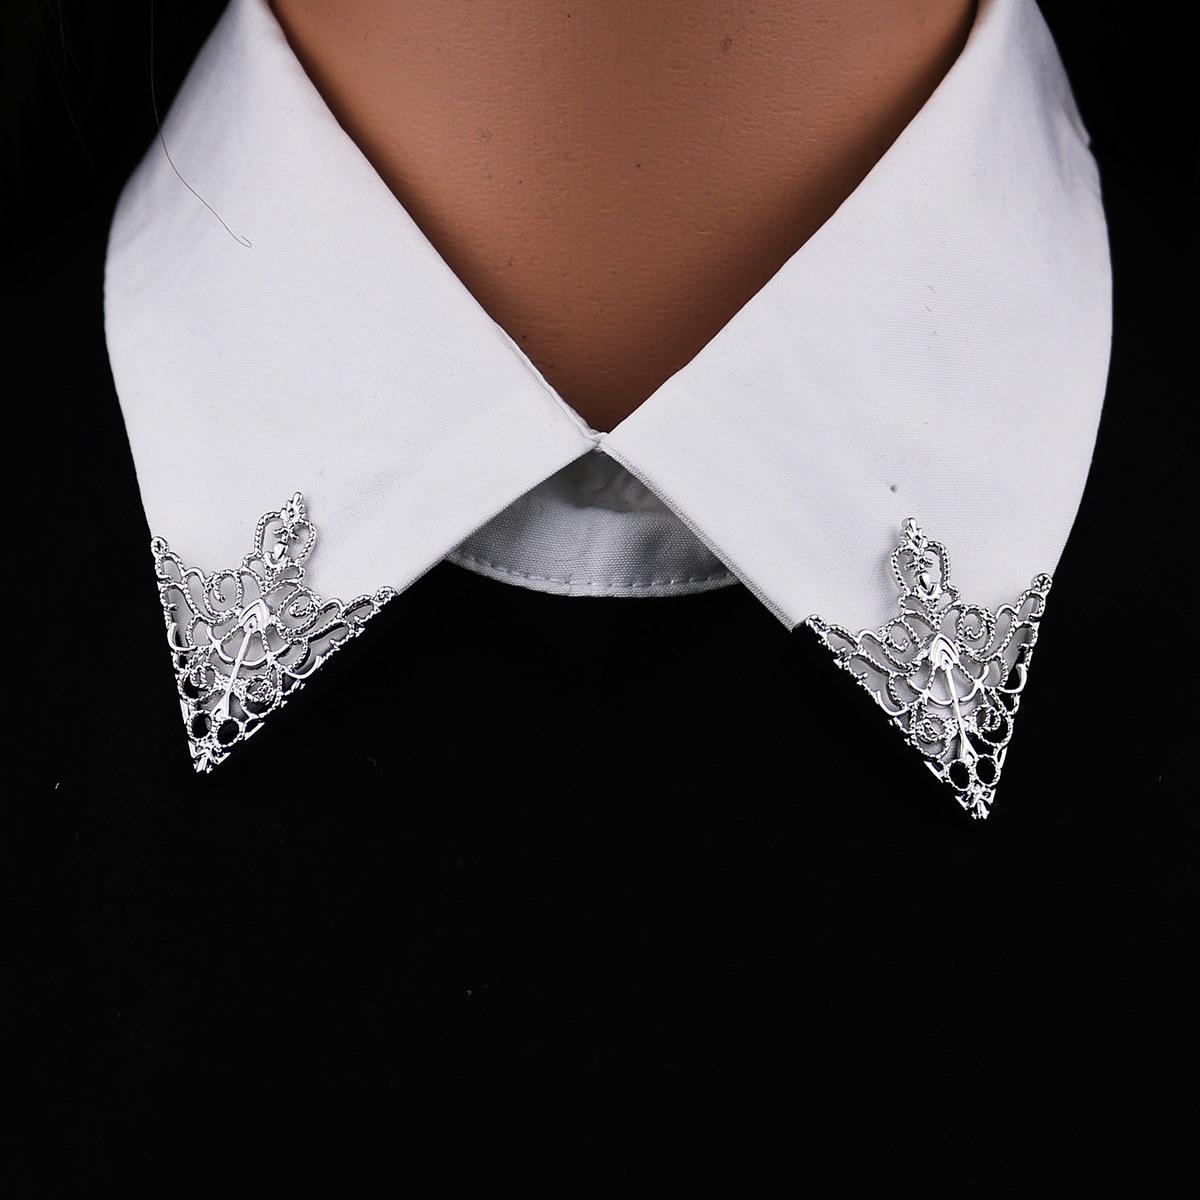 I Remiel, винтажная модная треугольная рубашка, воротник, булавка для мужчин и женщин, выдолбленная Корона, брошь, угловая эмблема, ювелирные аксессуары|Броши|   | АлиЭкспресс